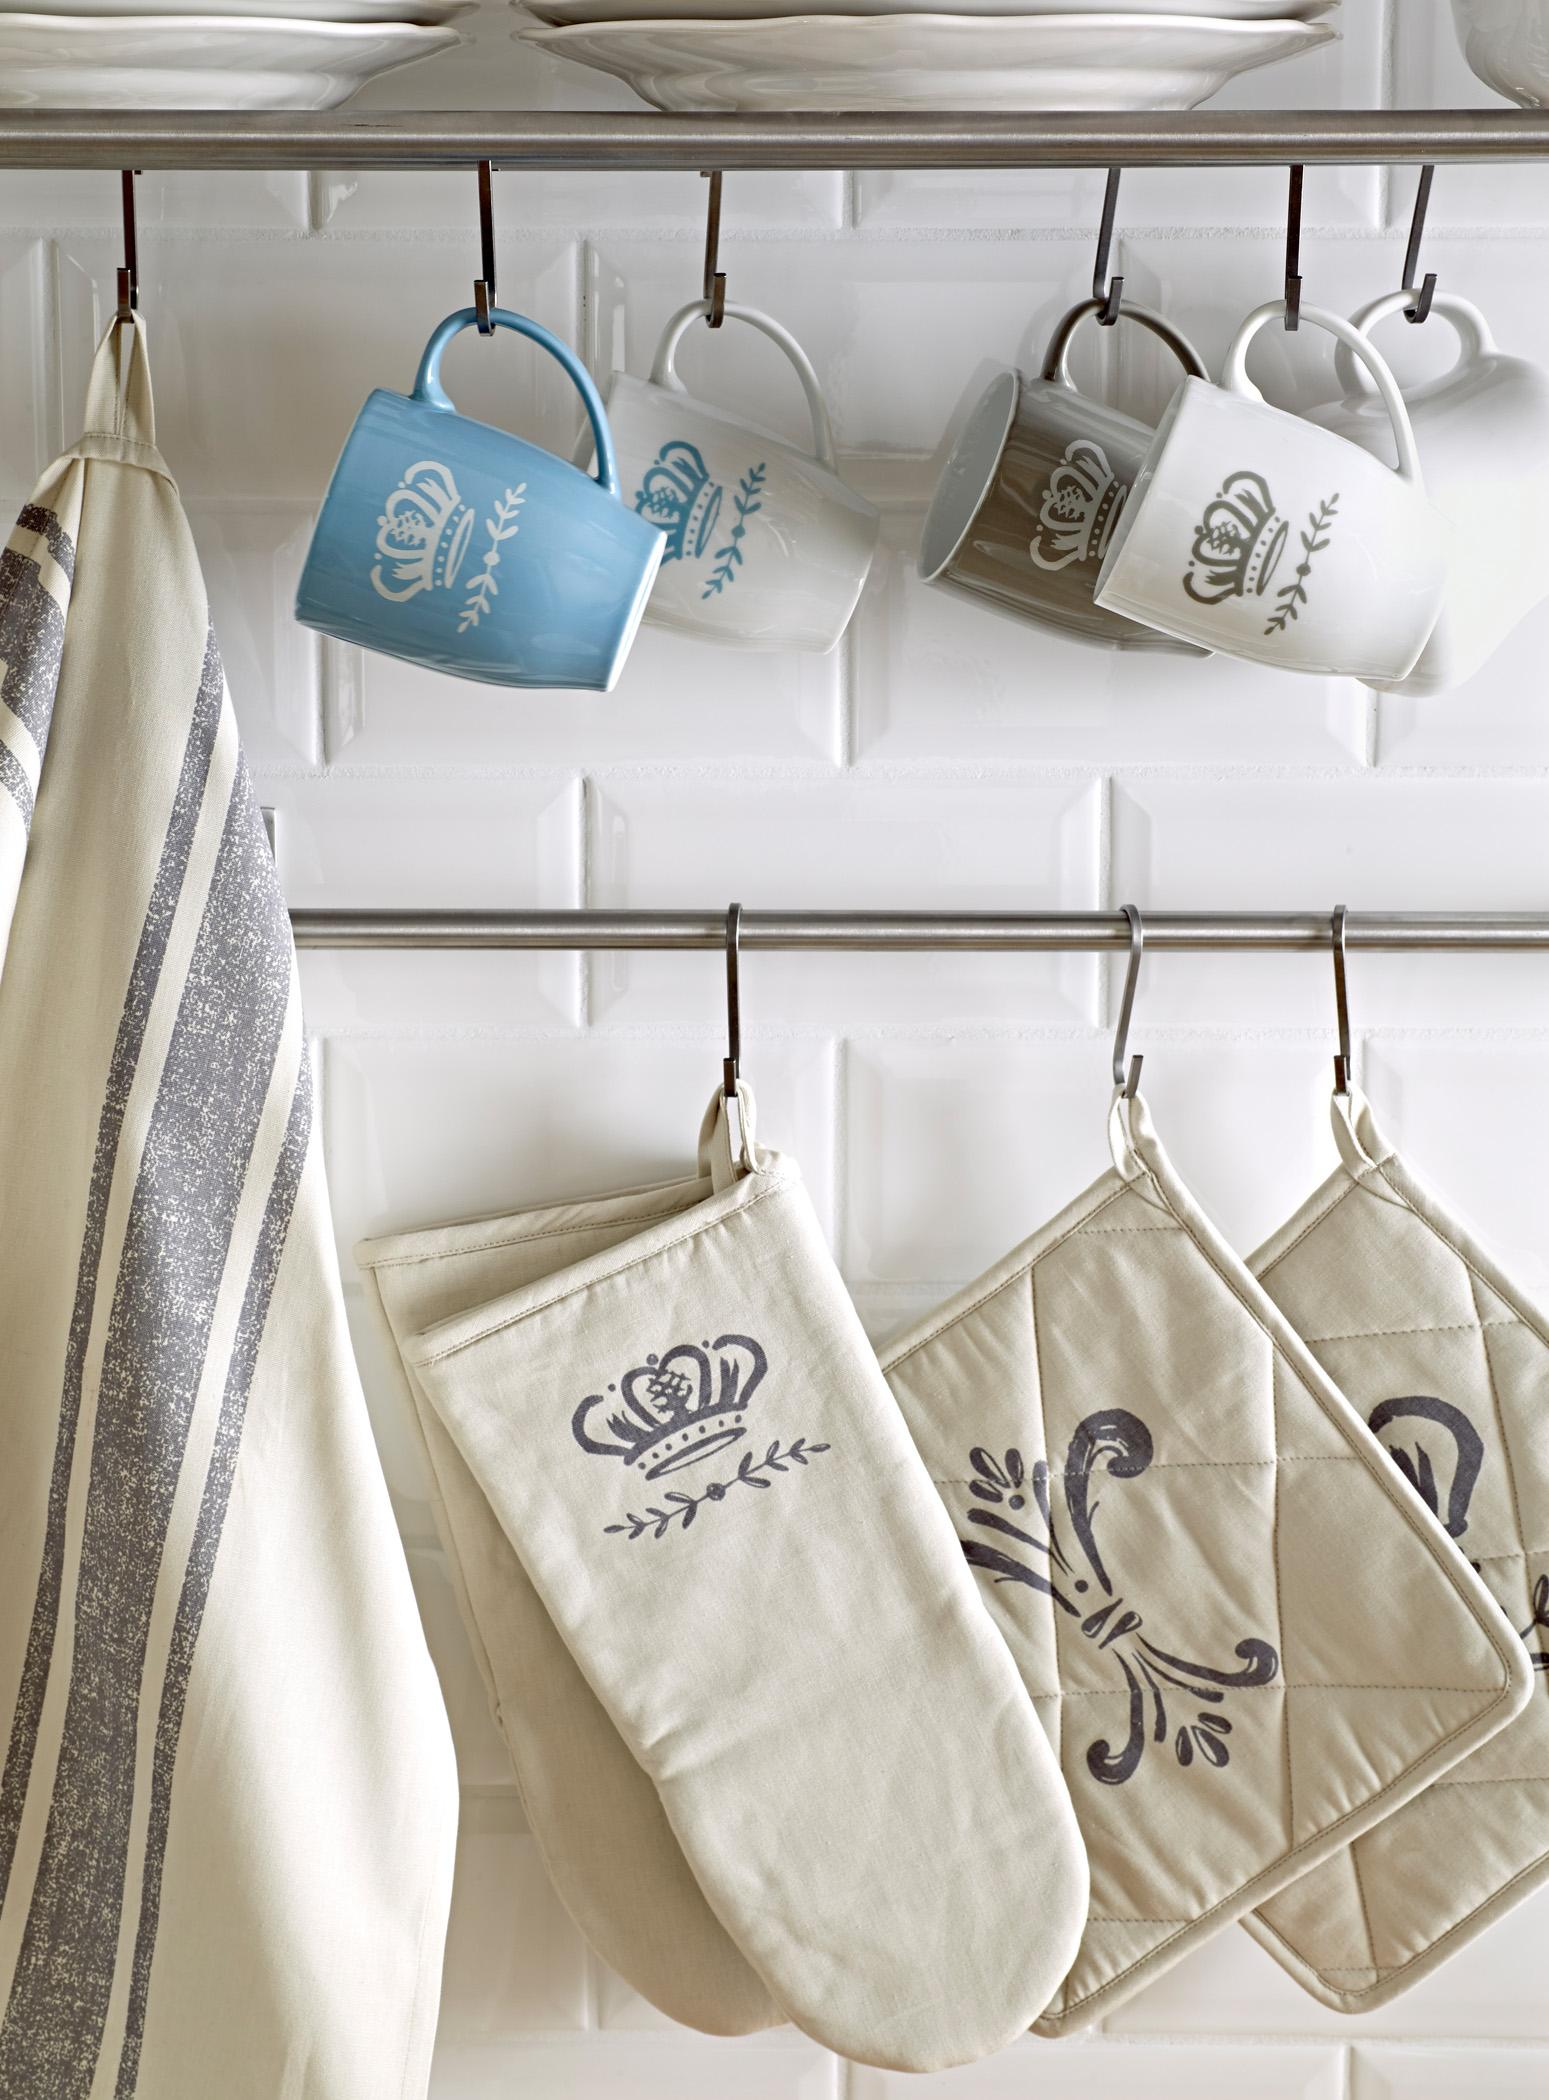 Full Size of Aufbewahrung Kche Bilder Ideen Couch Was Kostet Eine Küche Wanddeko Einbauküche Günstig Teppich Grau Hochglanz Tapeten Für Die Doppelblock Armaturen Wohnzimmer Ikea Aufbewahrung Küche